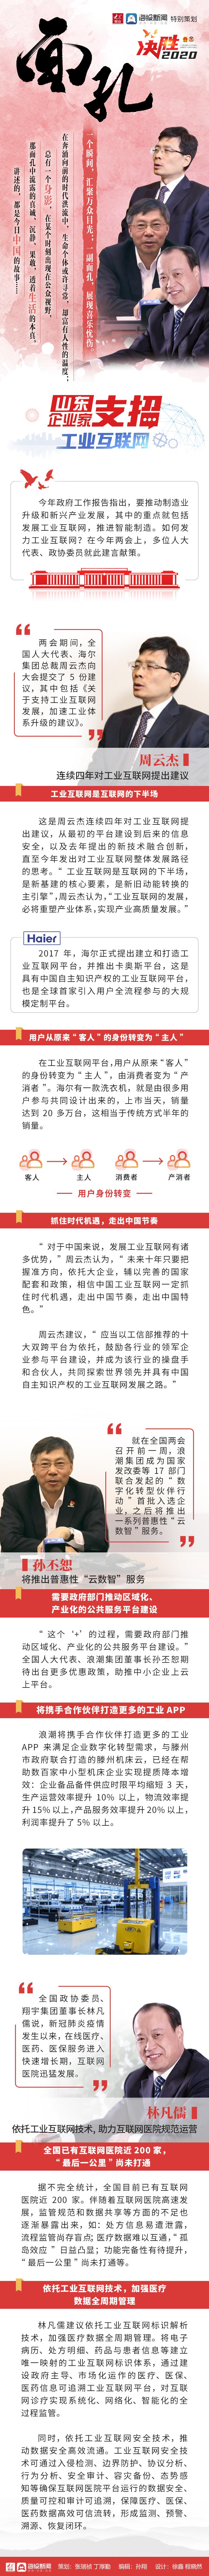 【大众报业·海报新闻】| 山东企业家支招工业互联网,面孔